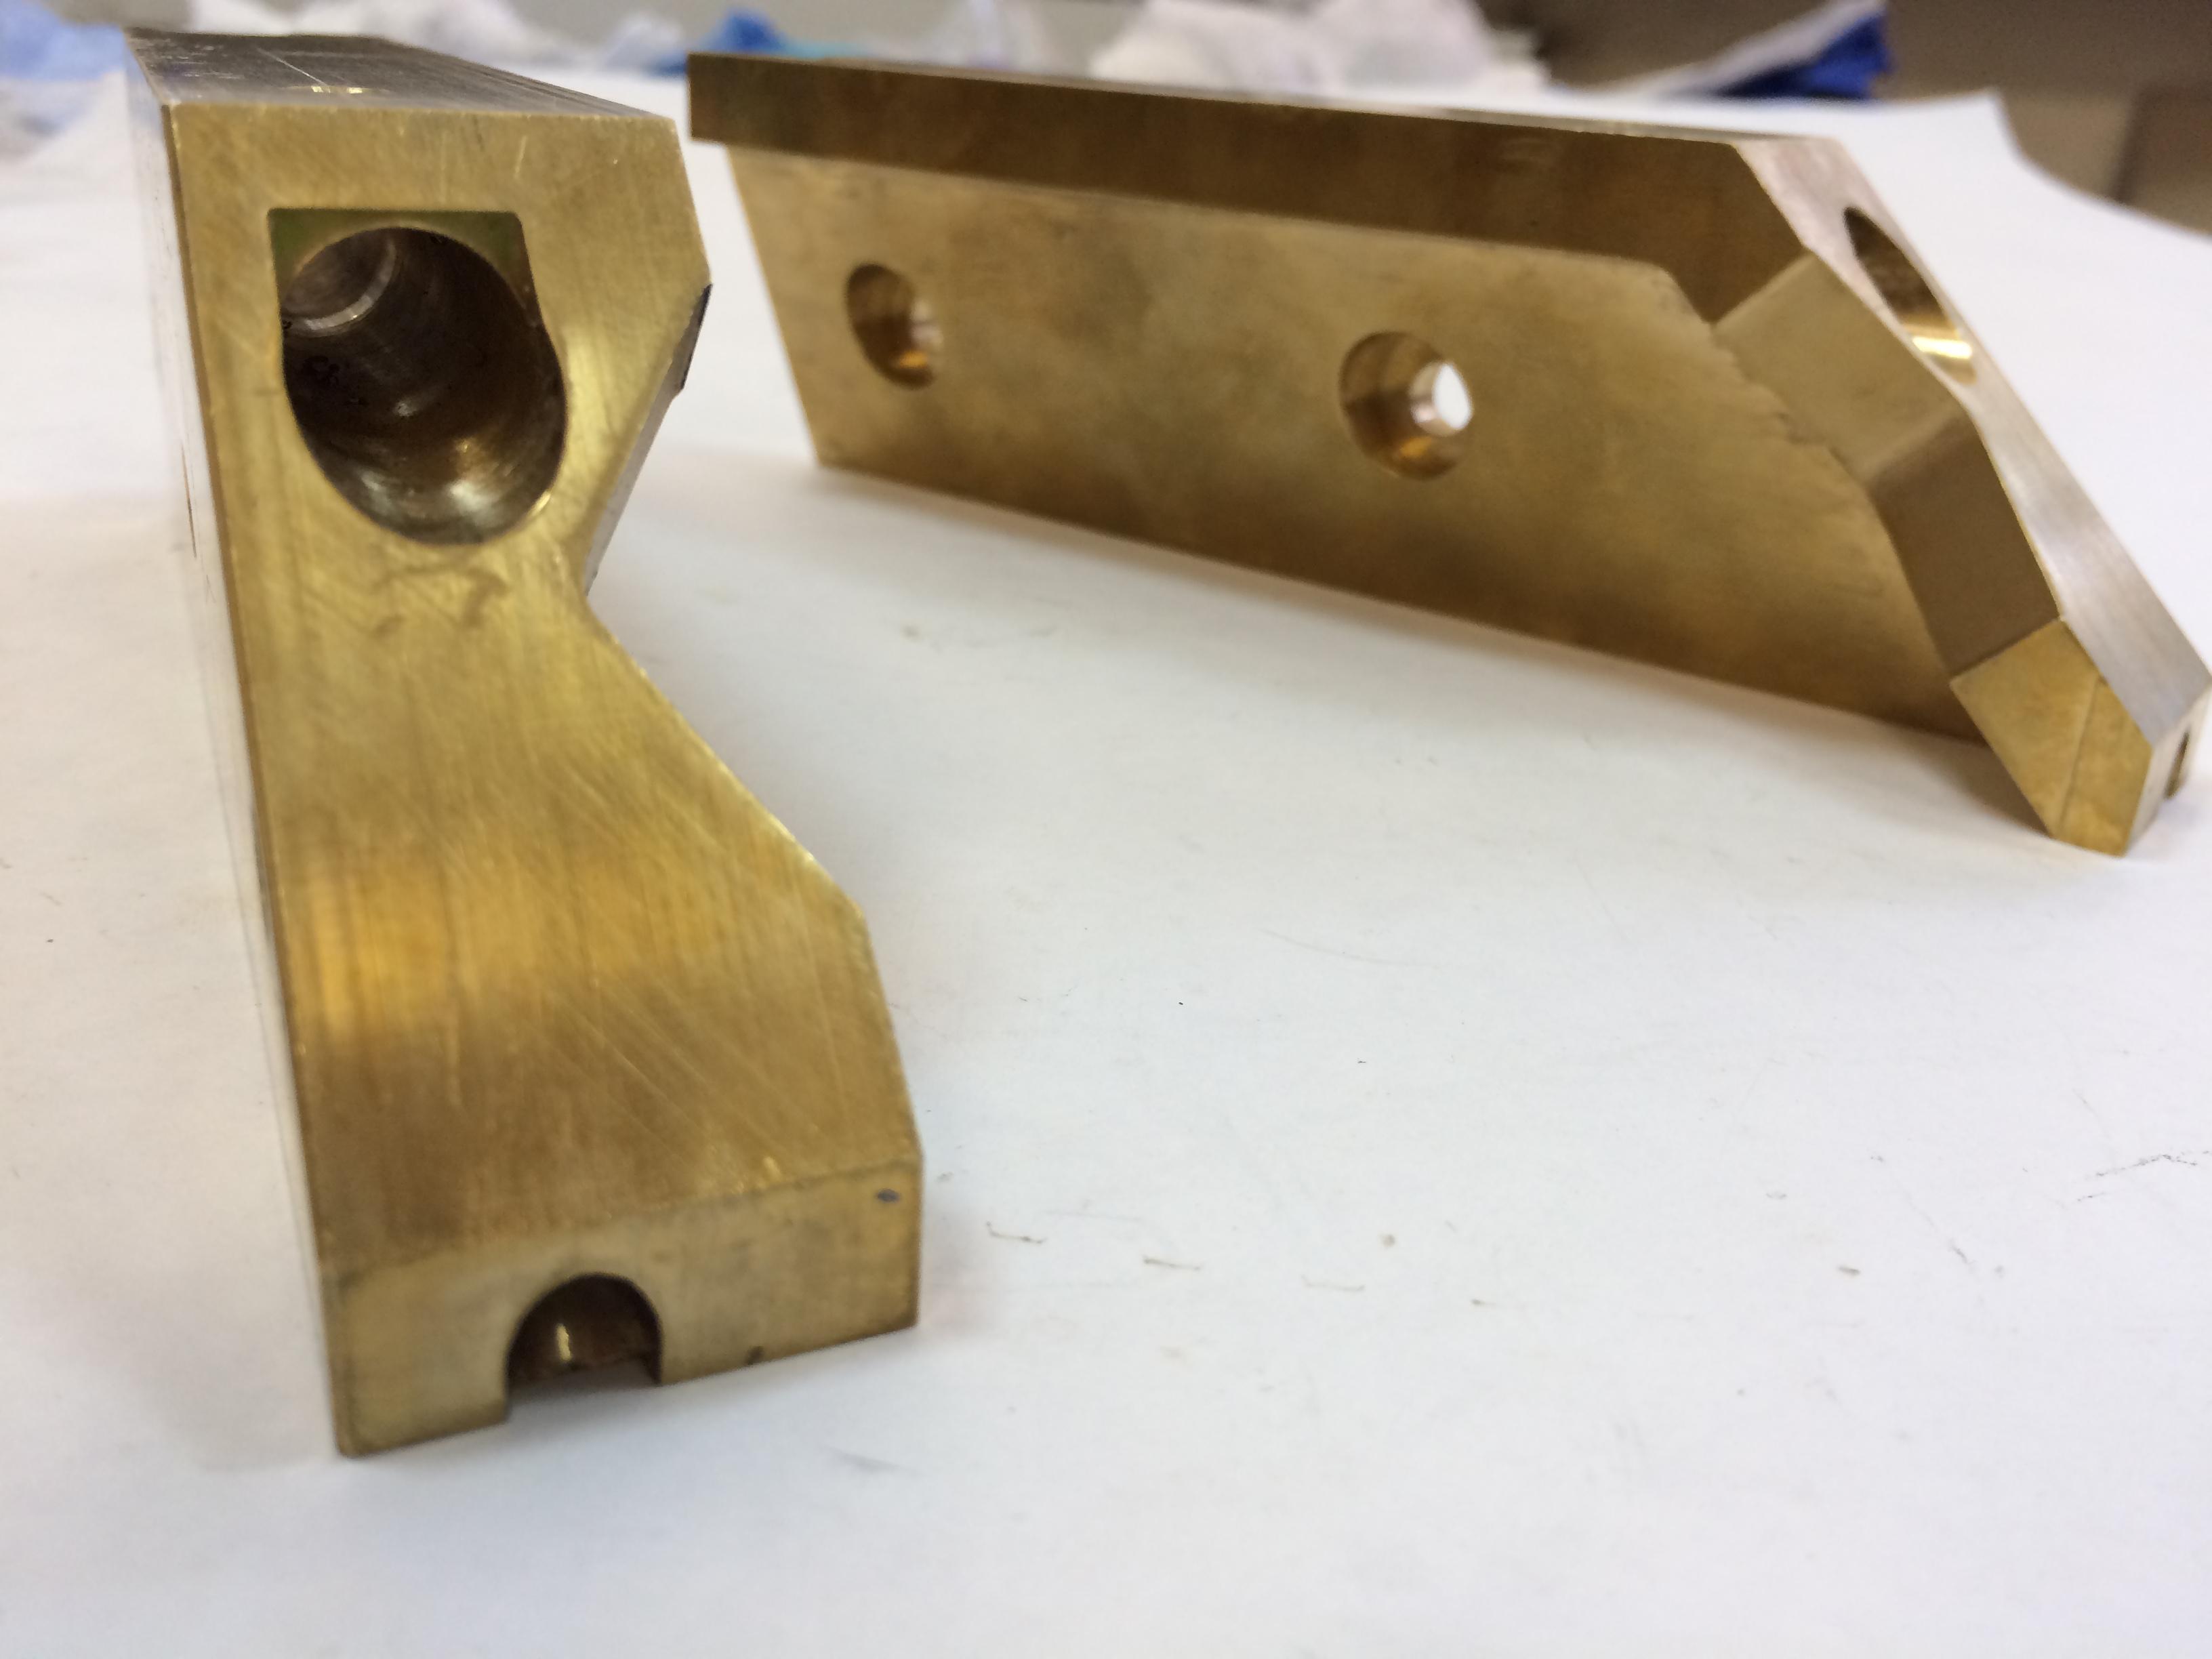 Губки латунные для спайки упаковок